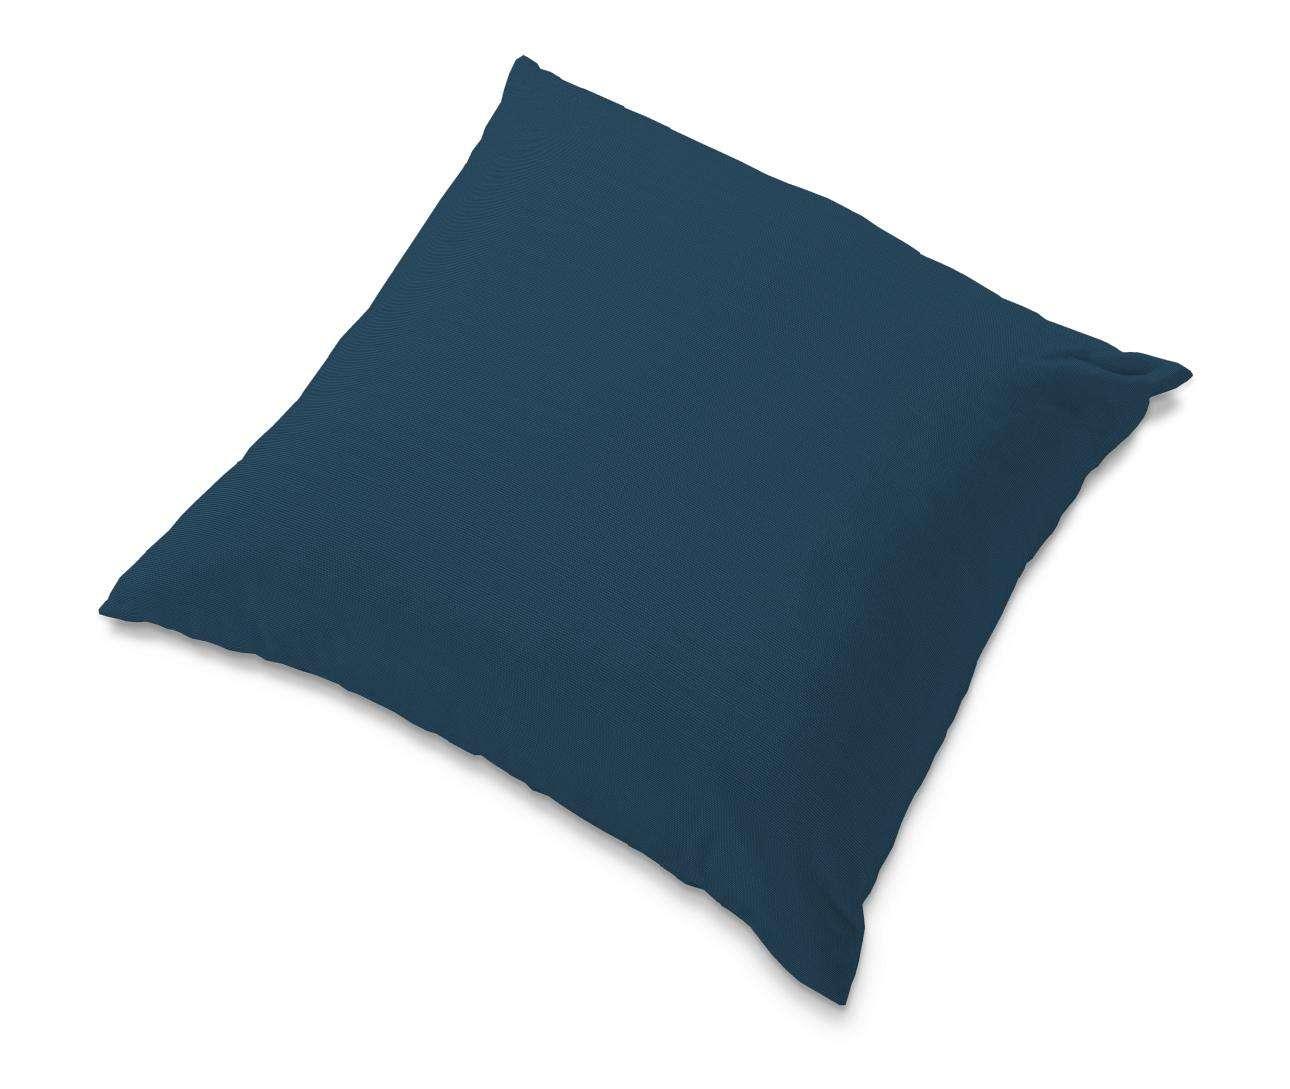 TOMELILLA pagalvėlės užvalkalas 55 x 55 cm kolekcijoje Cotton Panama, audinys: 702-30